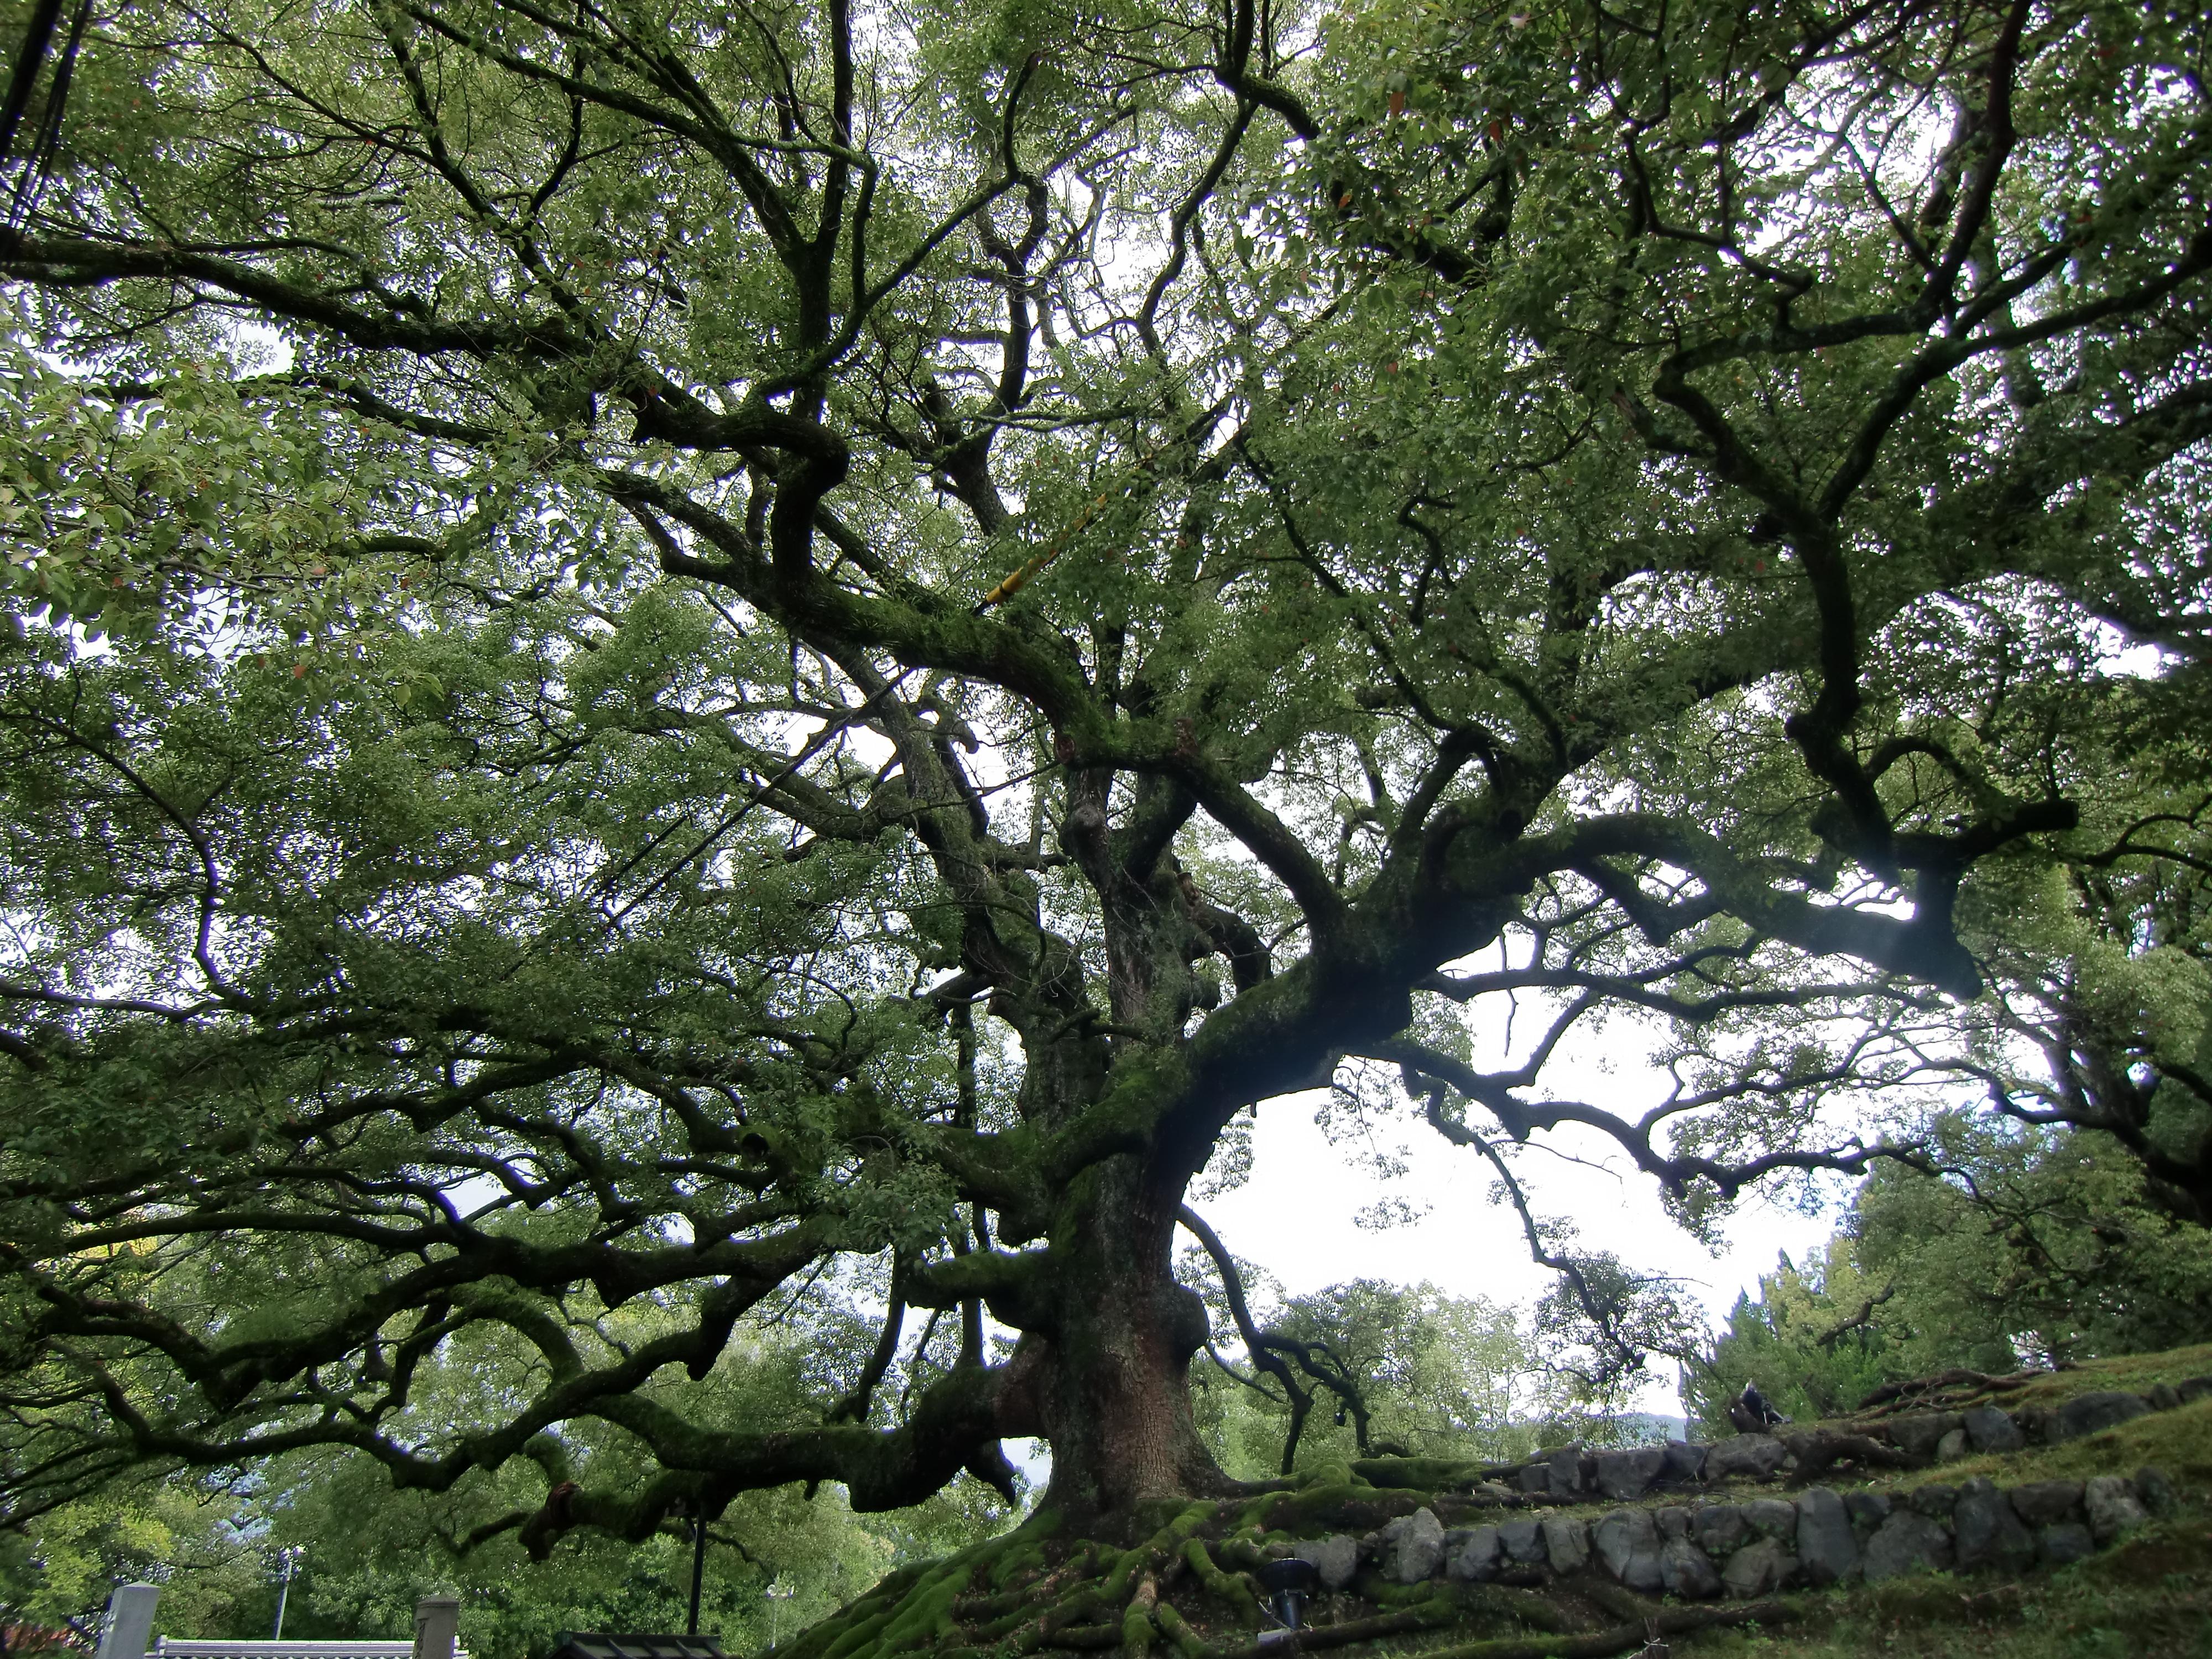 京都 知恩院から高台寺・清水寺 御朱印めぐり | 楽しい御朱印めぐり